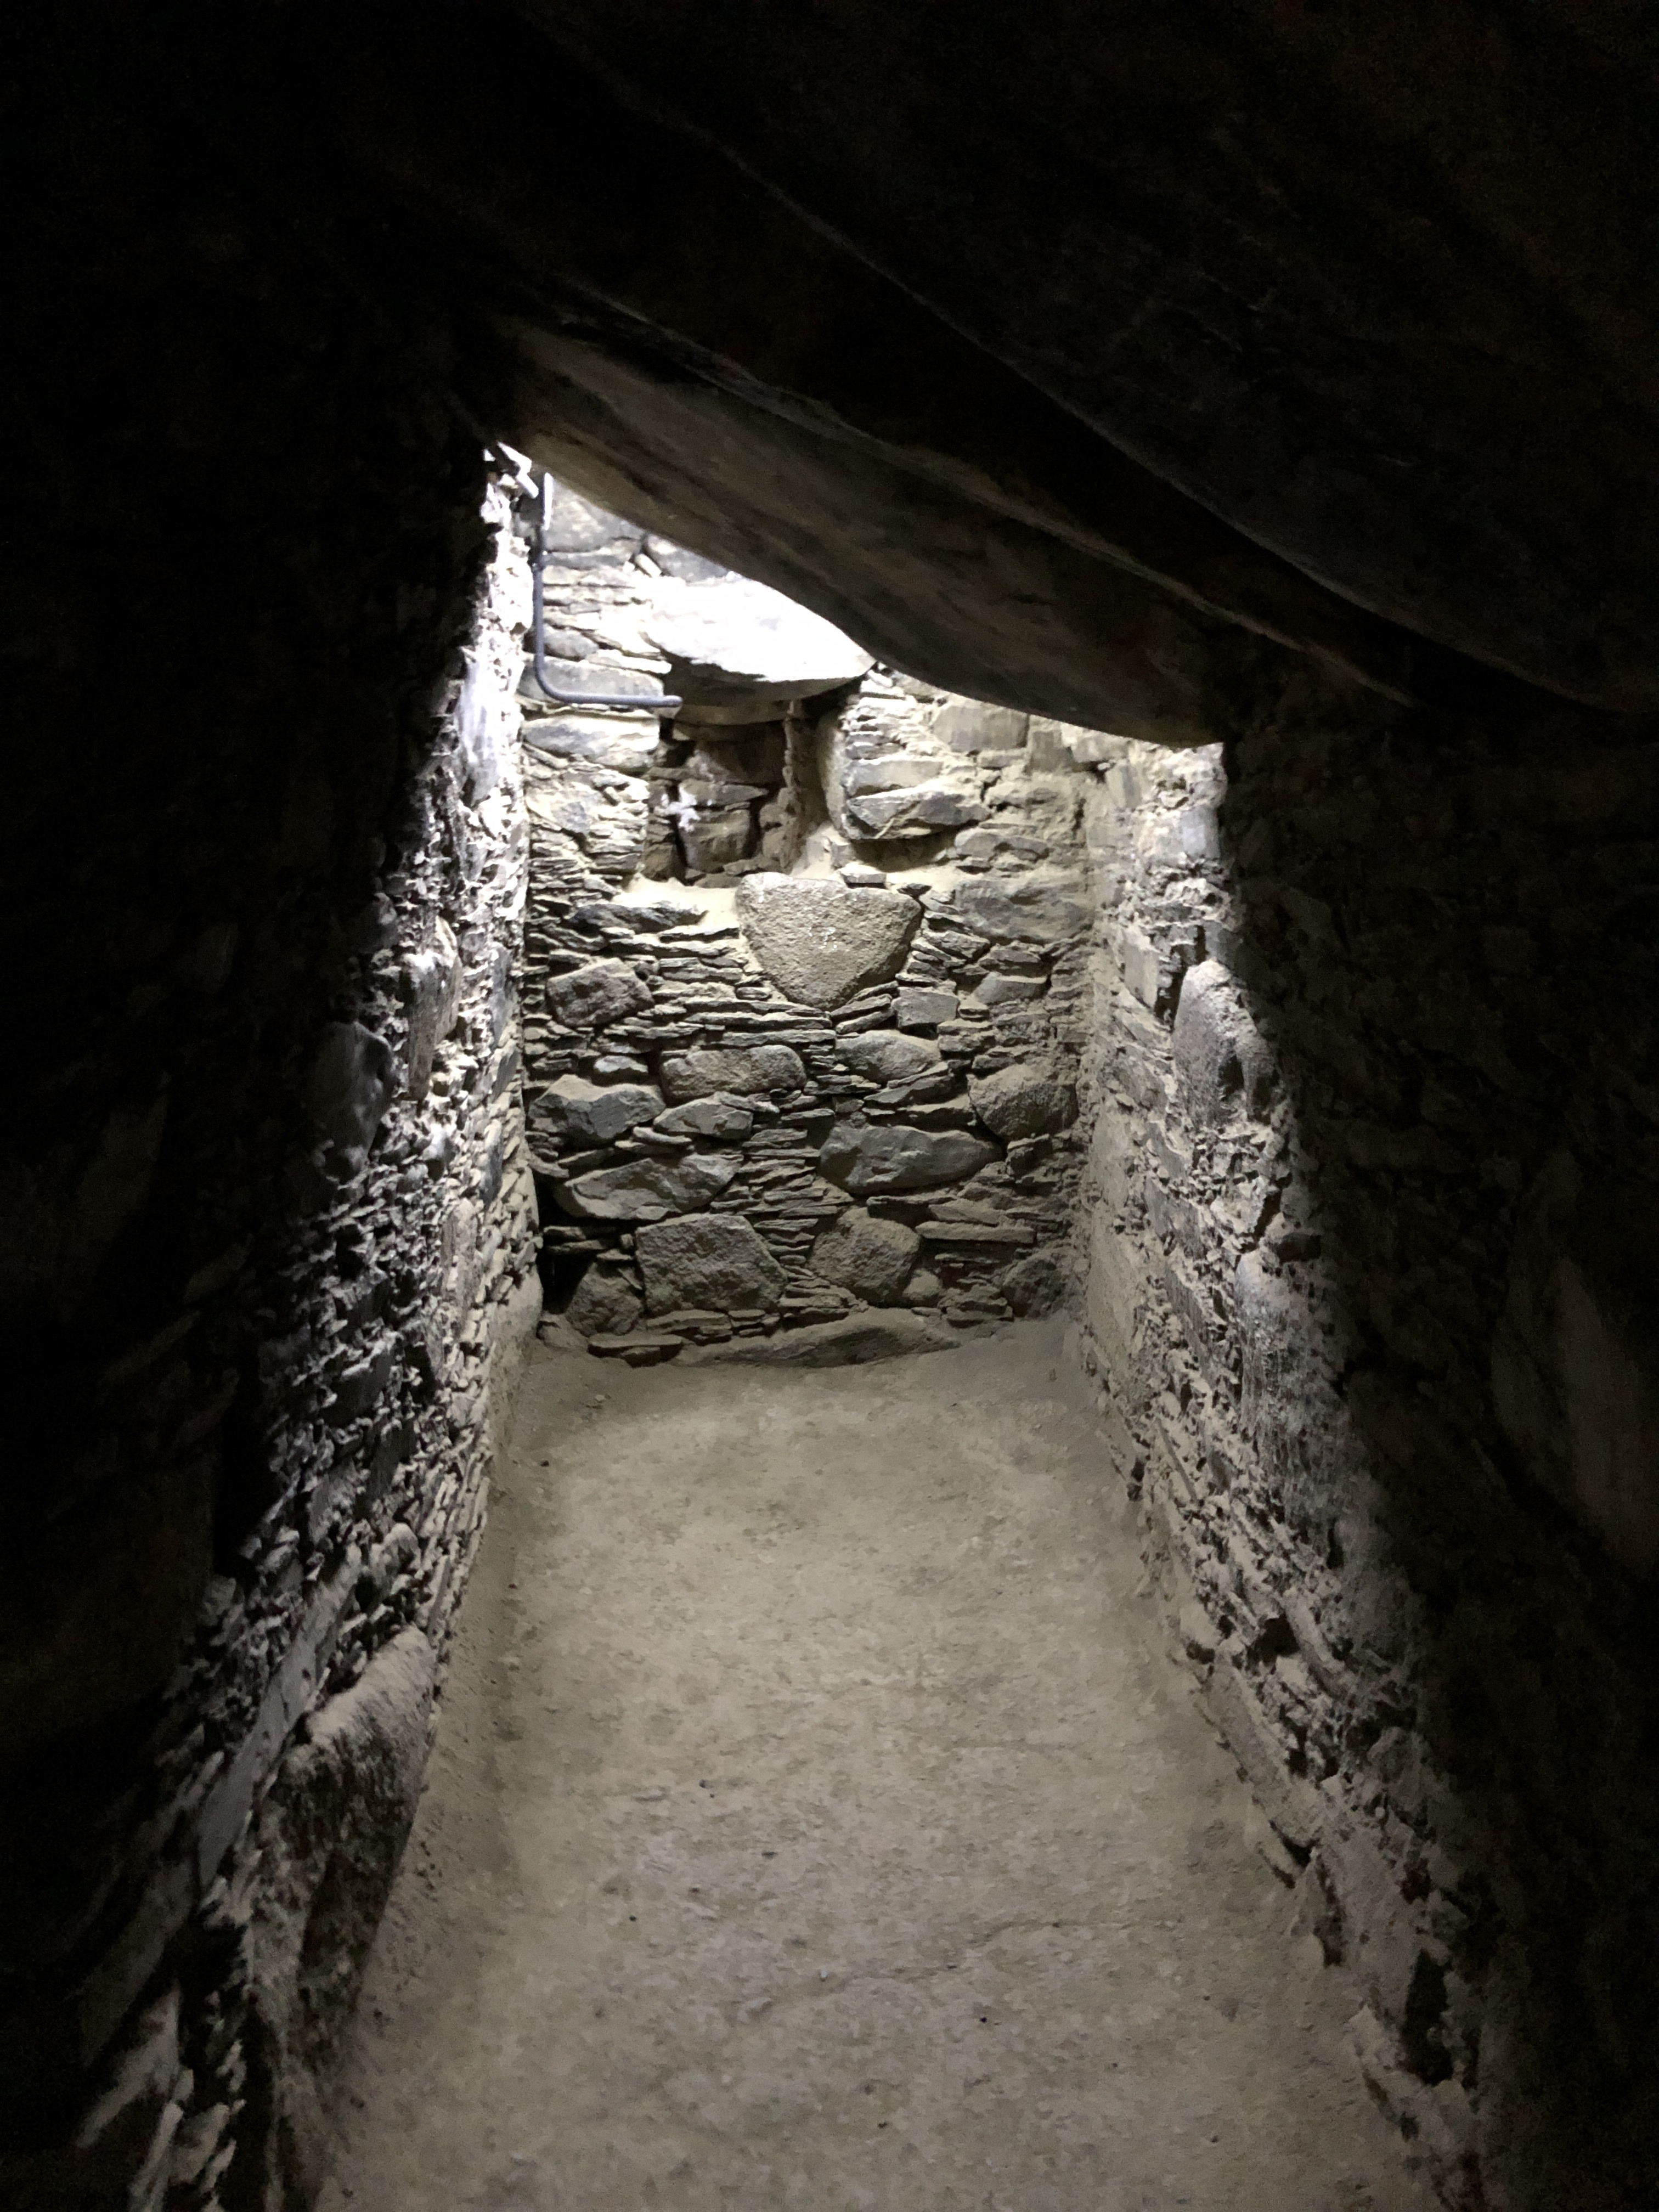 wilkawain passageway rock